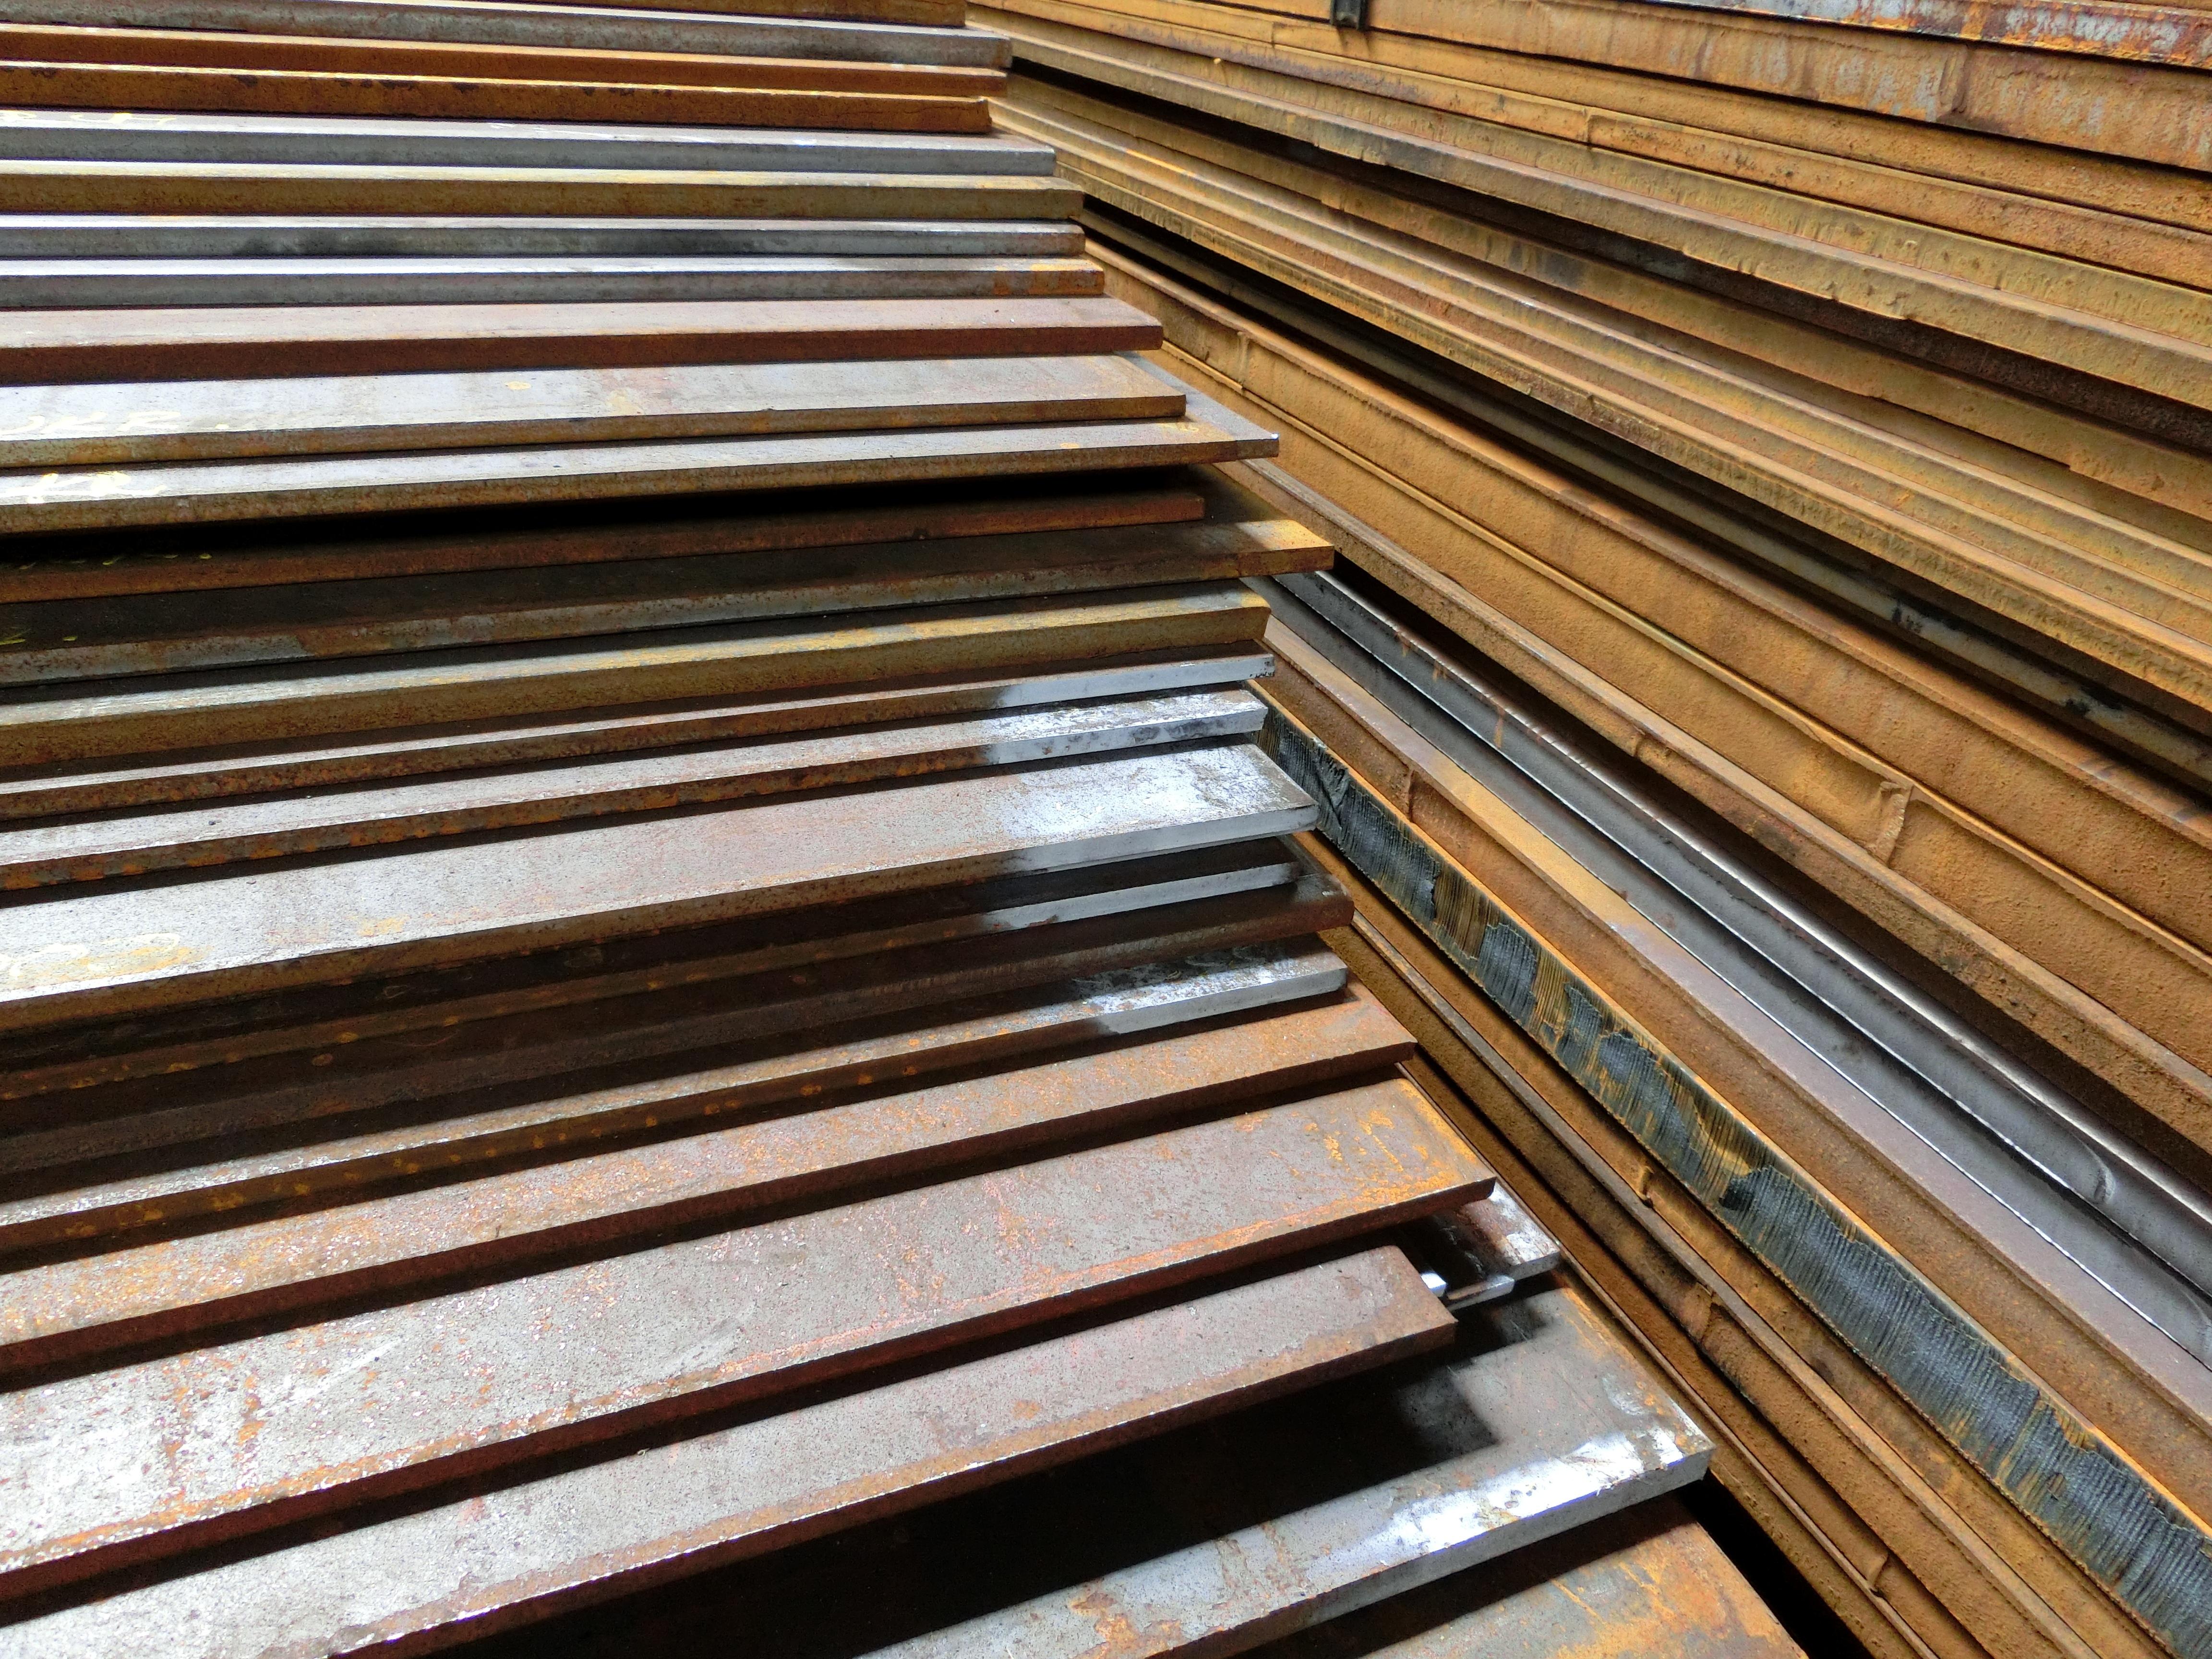 Holz Stehlen kostenlose foto deck holz stock dach strahl stehlen linie